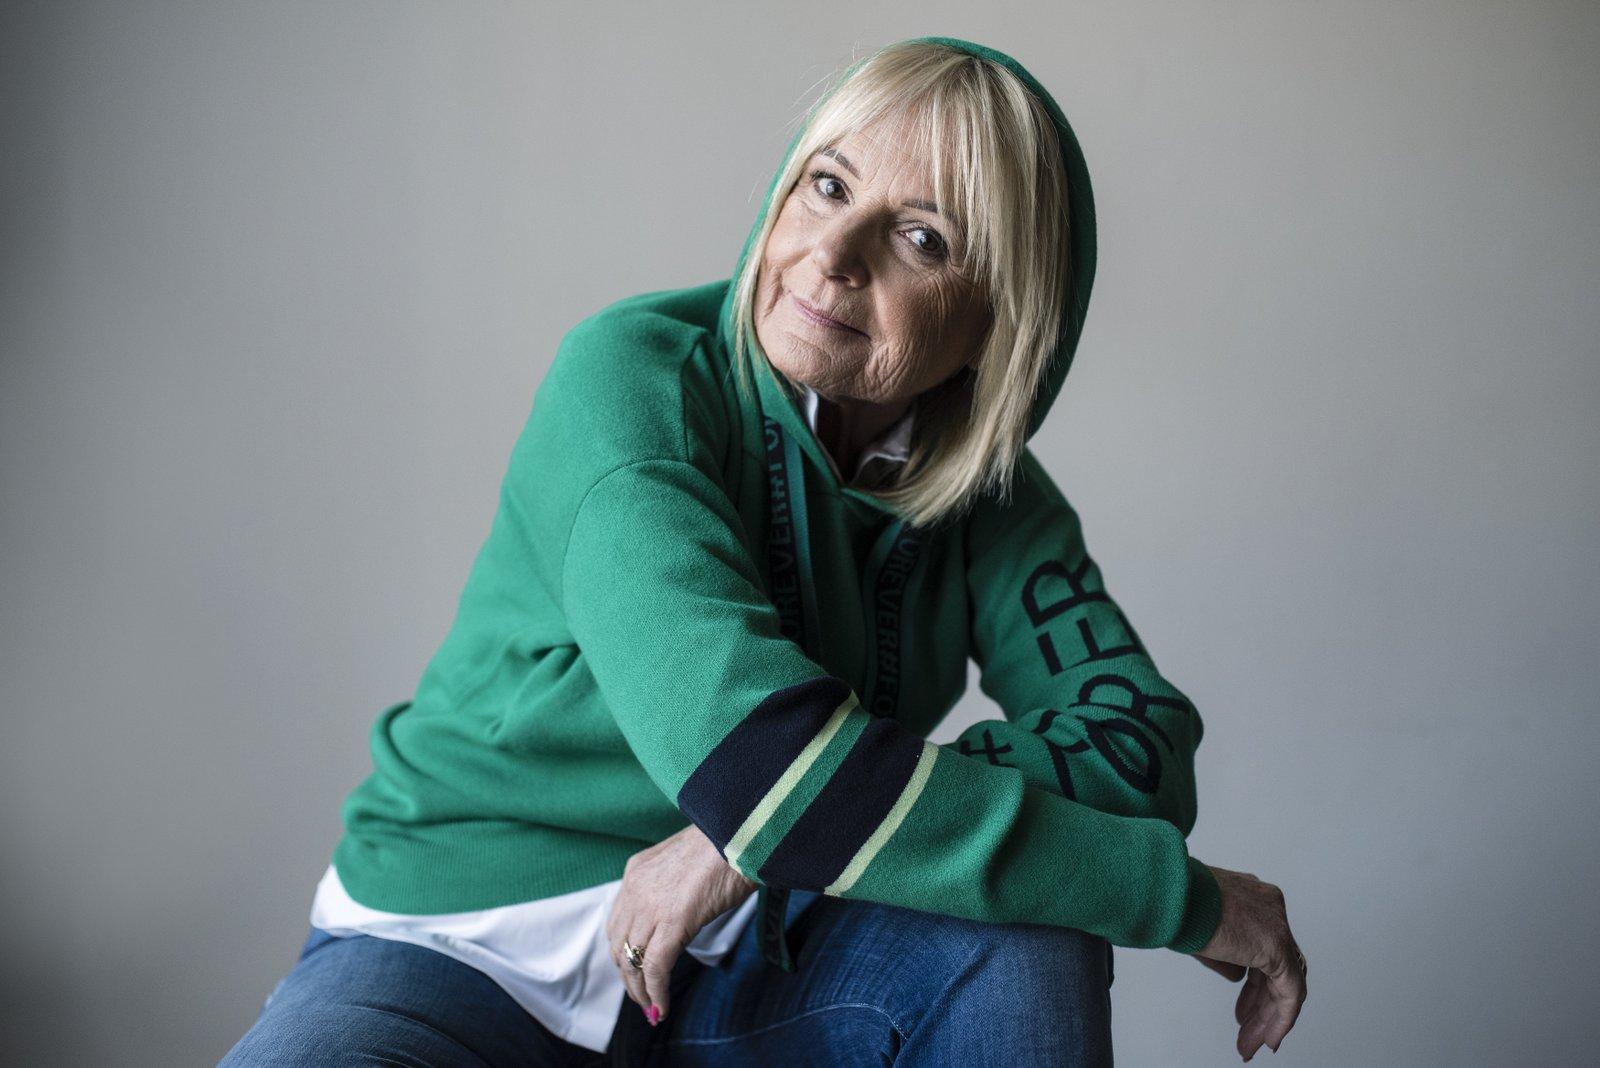 8. kép: Molnár Elemérné Kamilla (66)